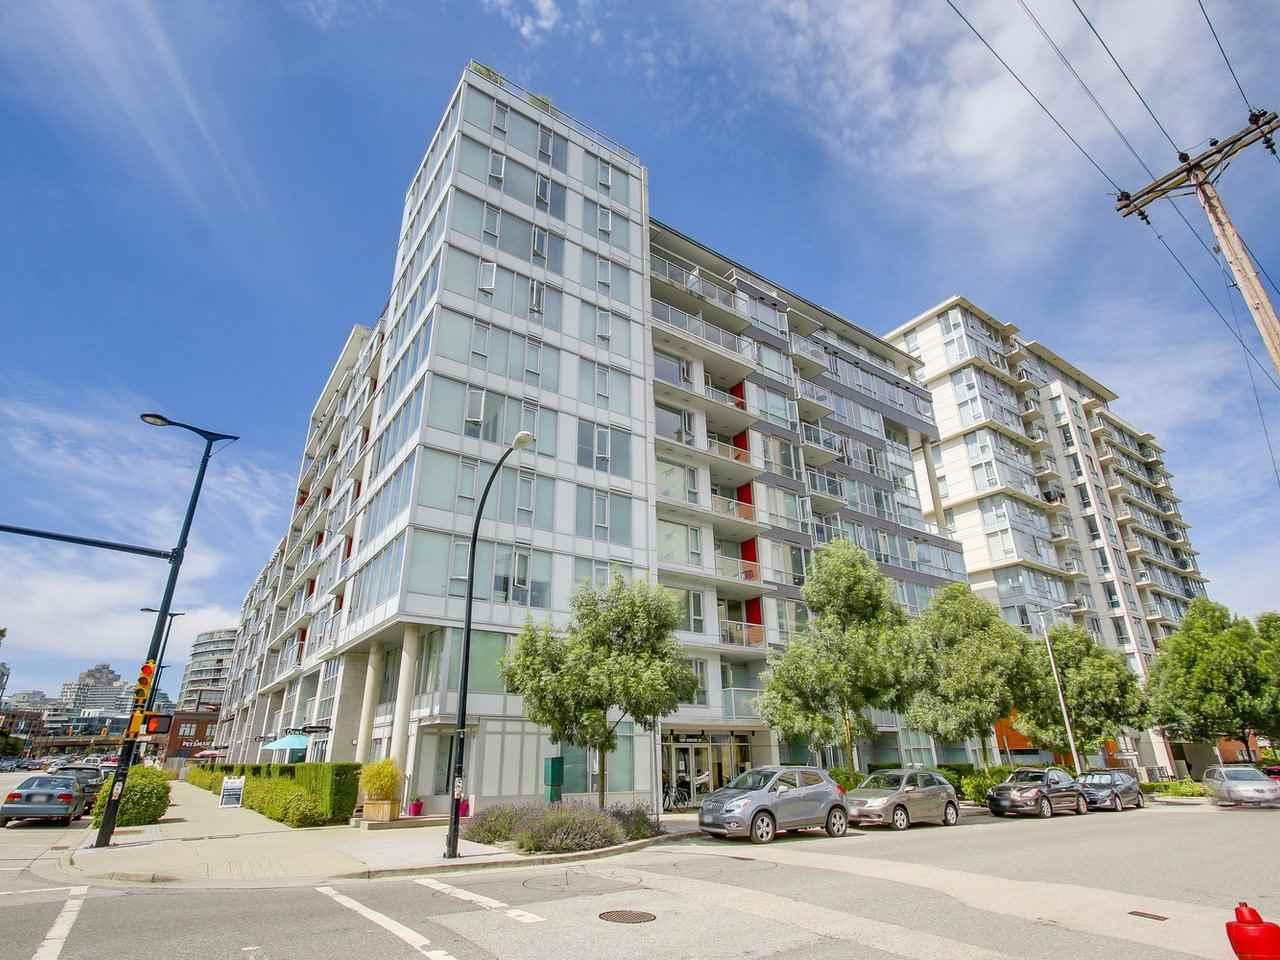 1887 CROWE STREET 713, Vancouver, BC V5Y 0B4